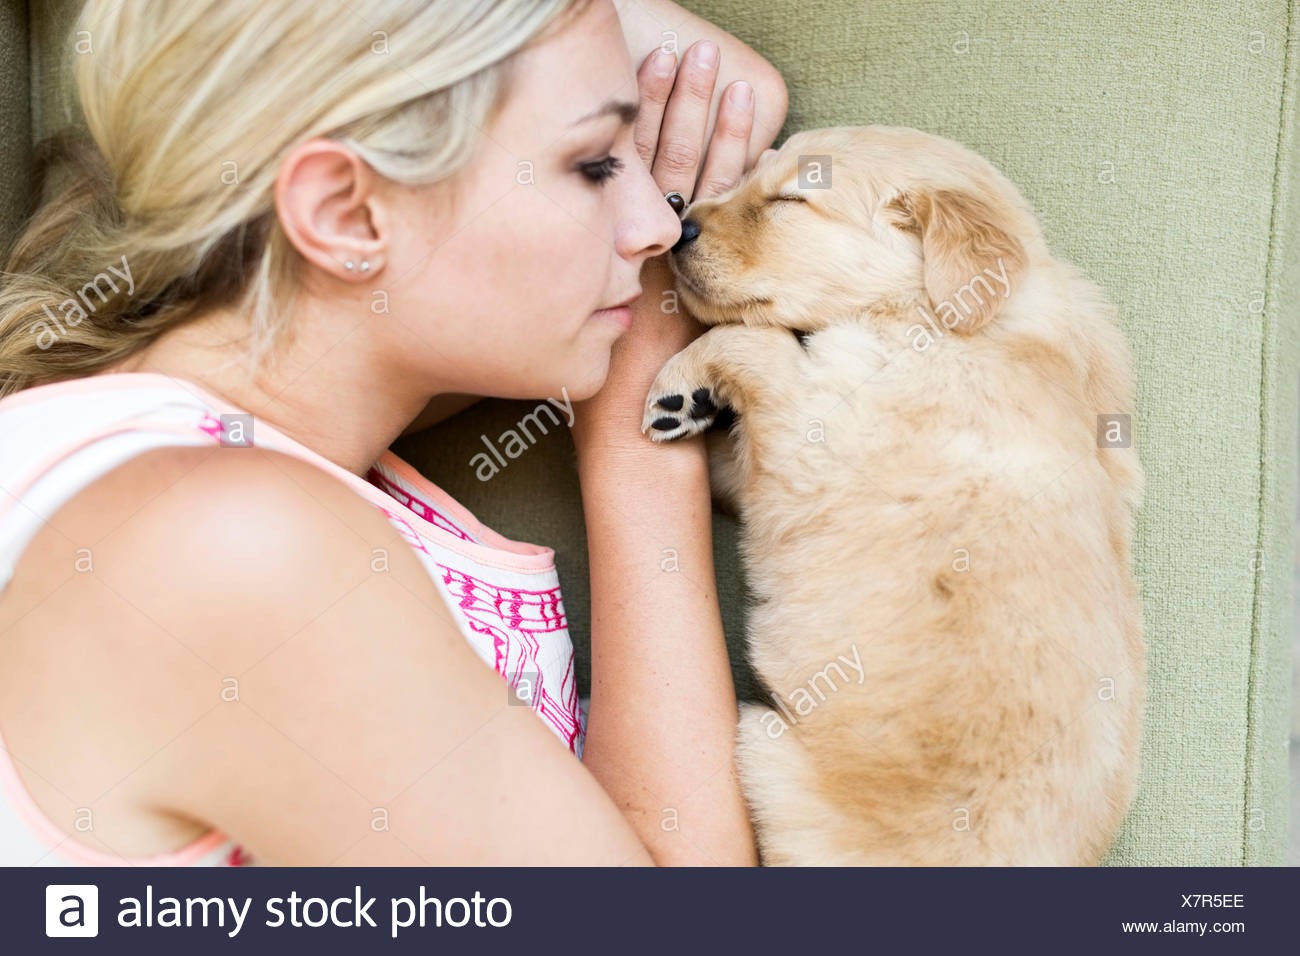 Retrato de cachorro con el propietario tumbado en el sofá Imagen De Stock